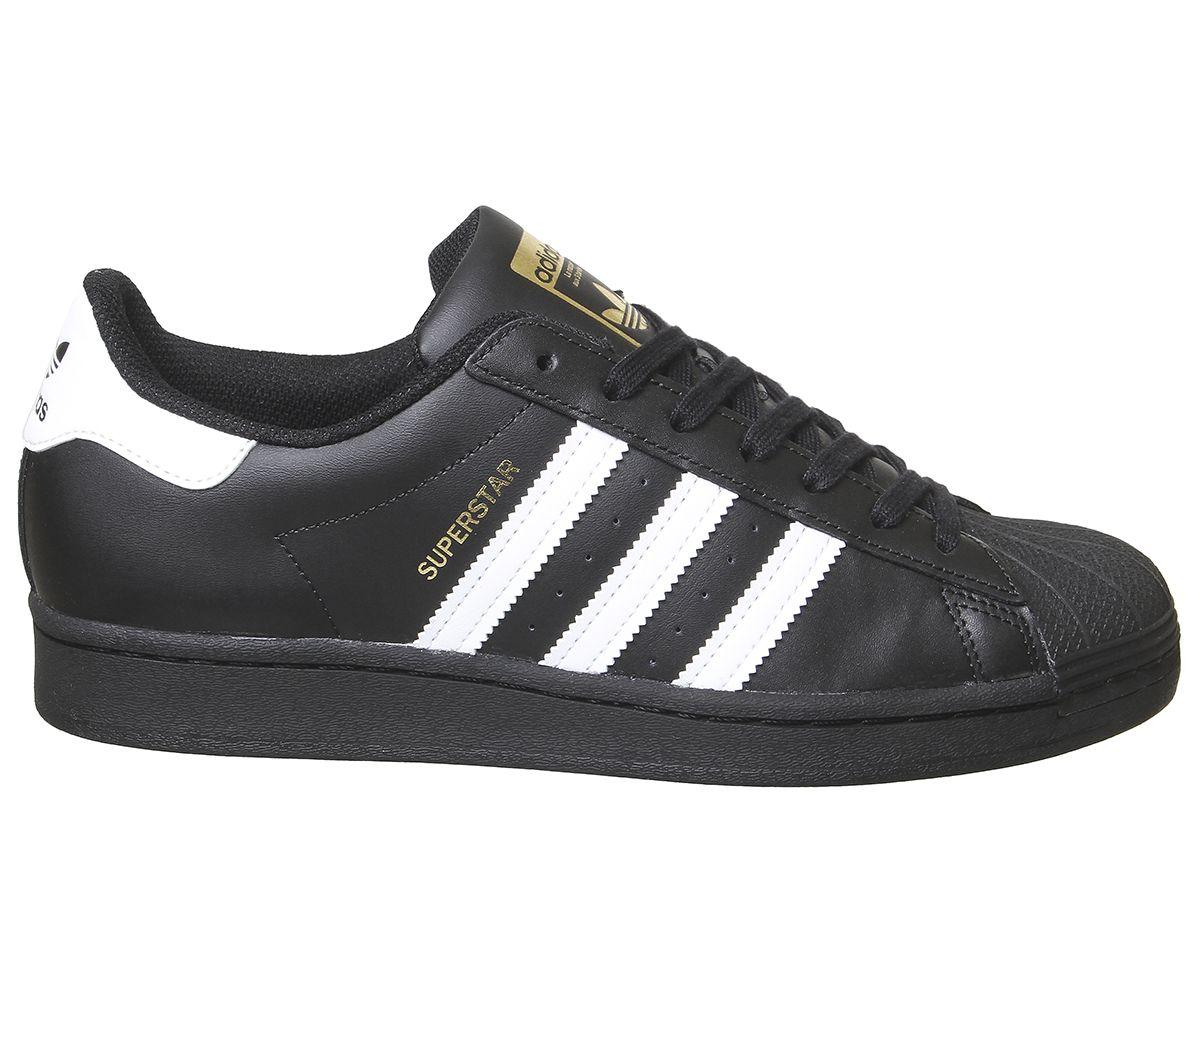 Adidas-Superstar-Baskets-Noir-Blanc-Baskets-Chaussures miniature 10